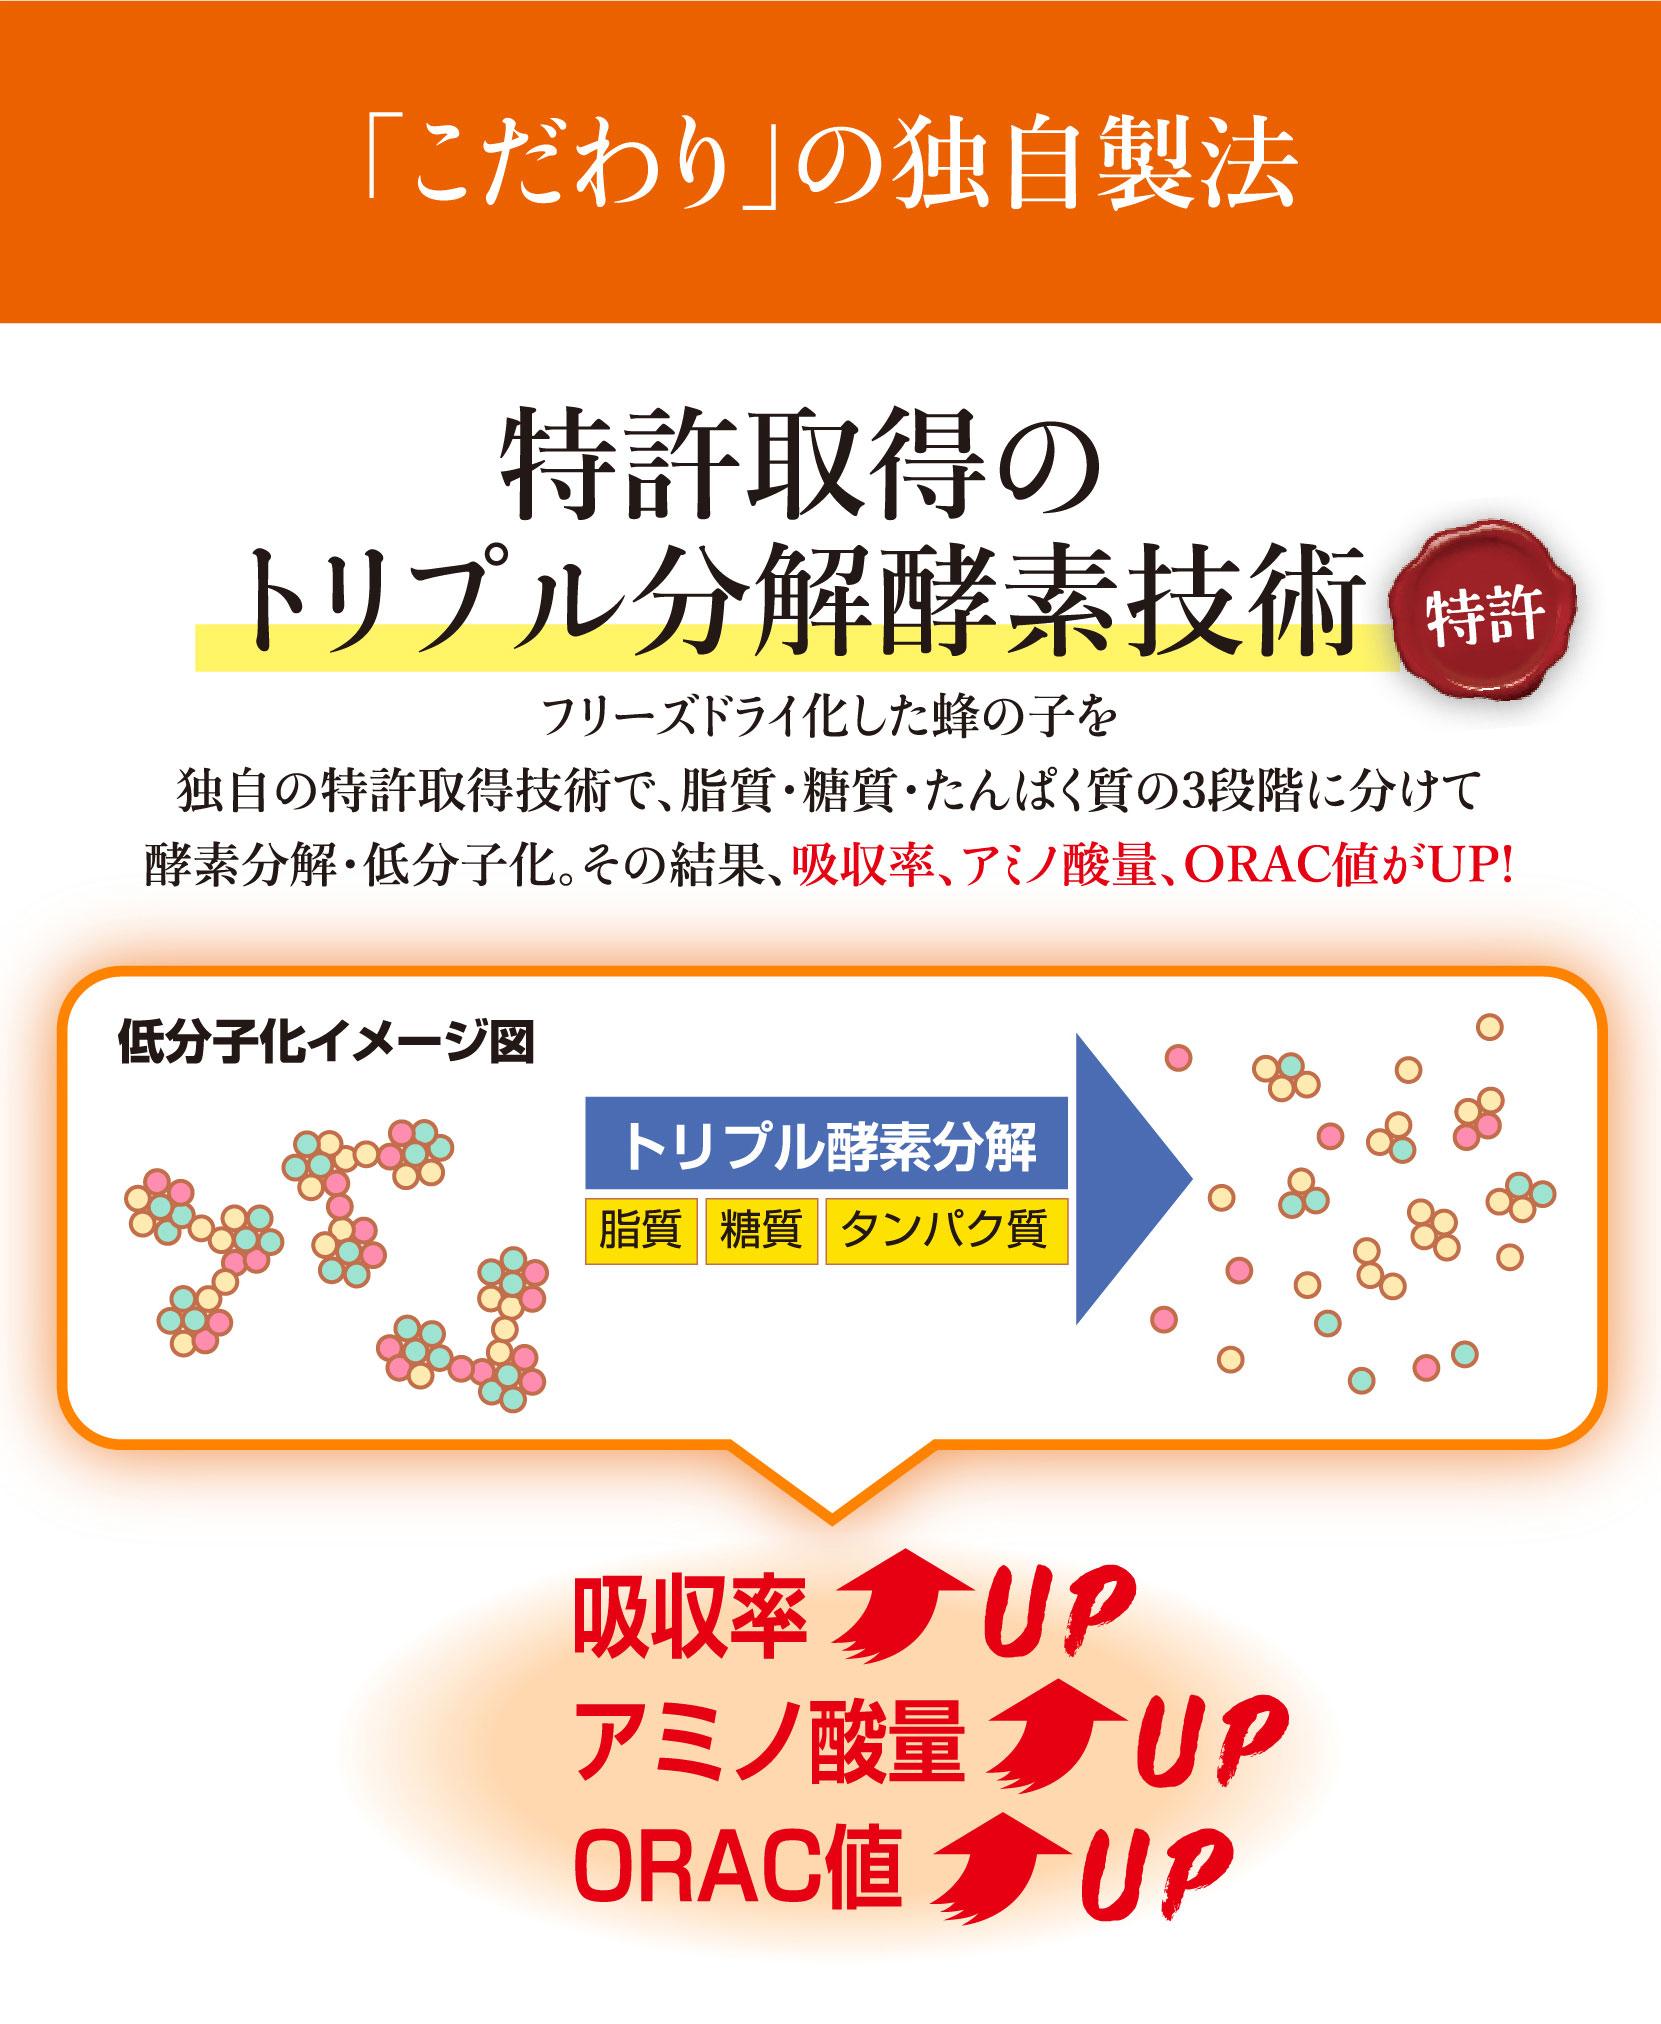 こだわりの独自製法、トリブル分解酵素技術で吸収率アップ、アミノ酸量アップ、ORAC値アップ